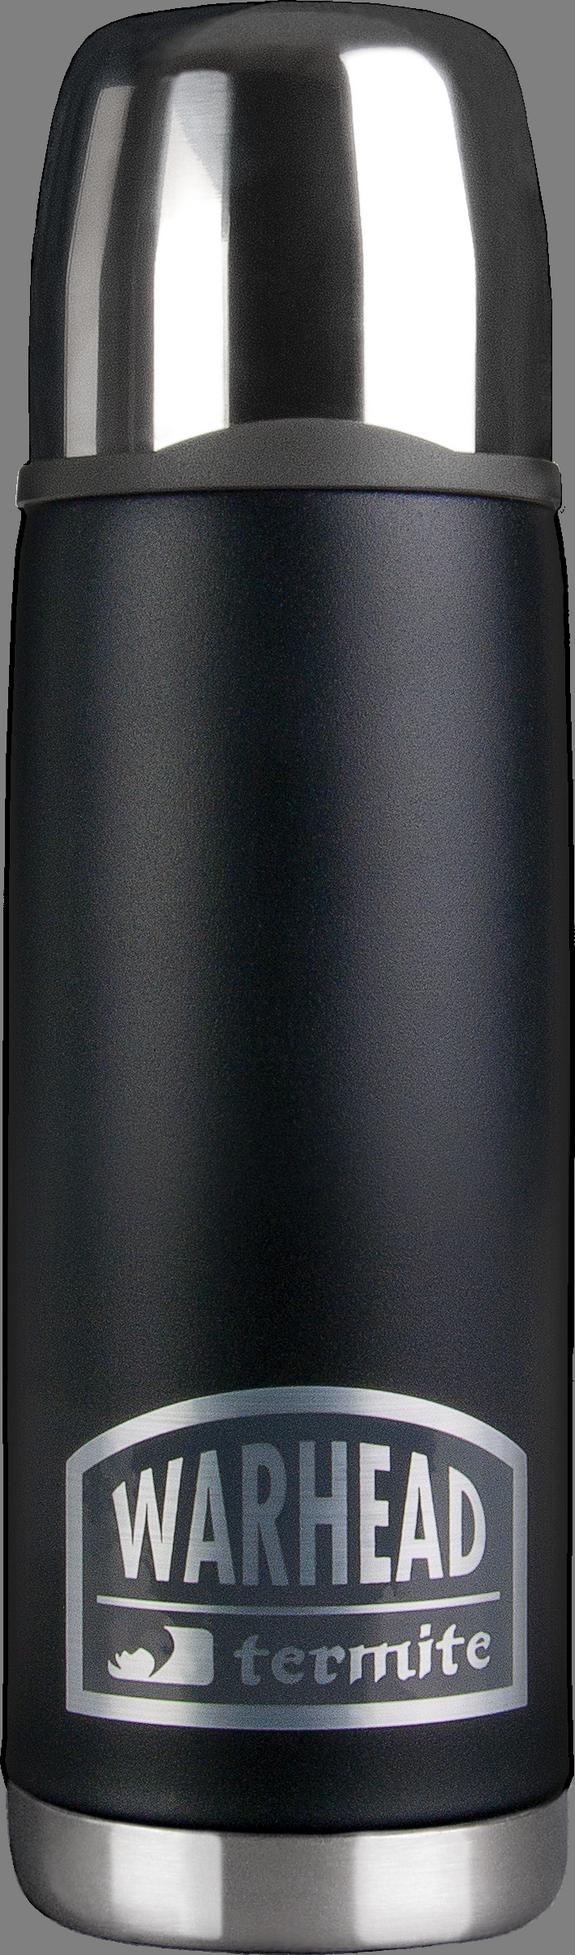 termite_termos_warhead_0,5--black_fhd